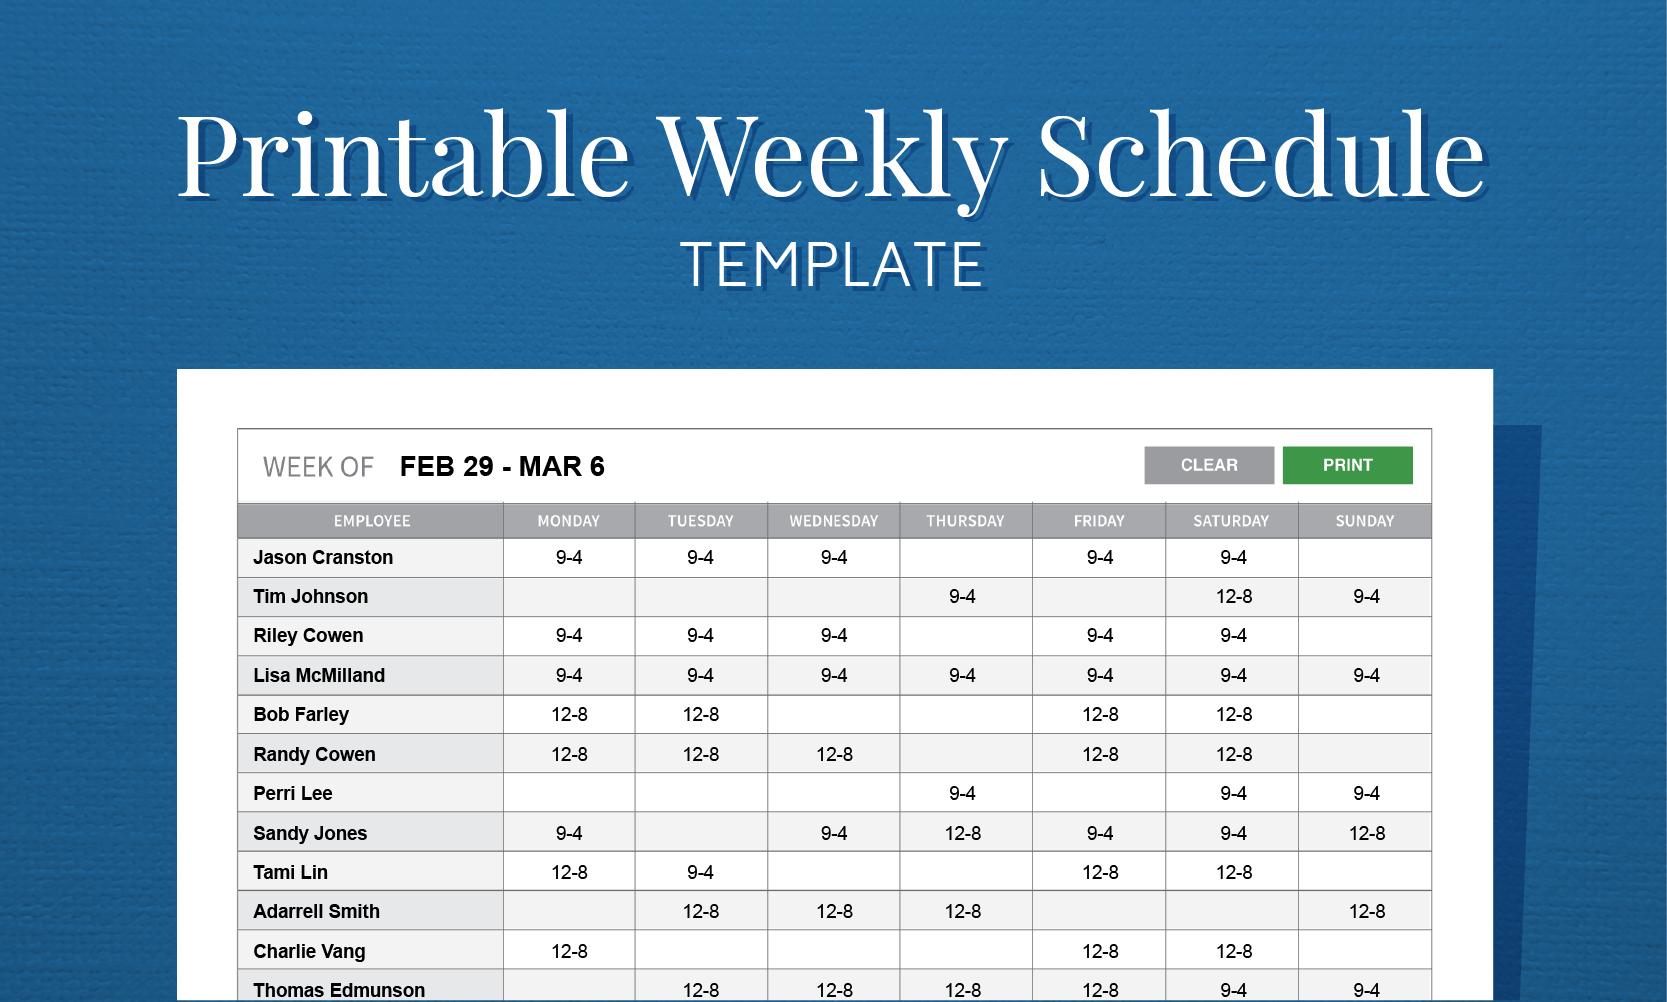 Free Printable Weekly Work Schedule Template For Employee Scheduling ... Regarding Employee Work Schedule Spreadsheet